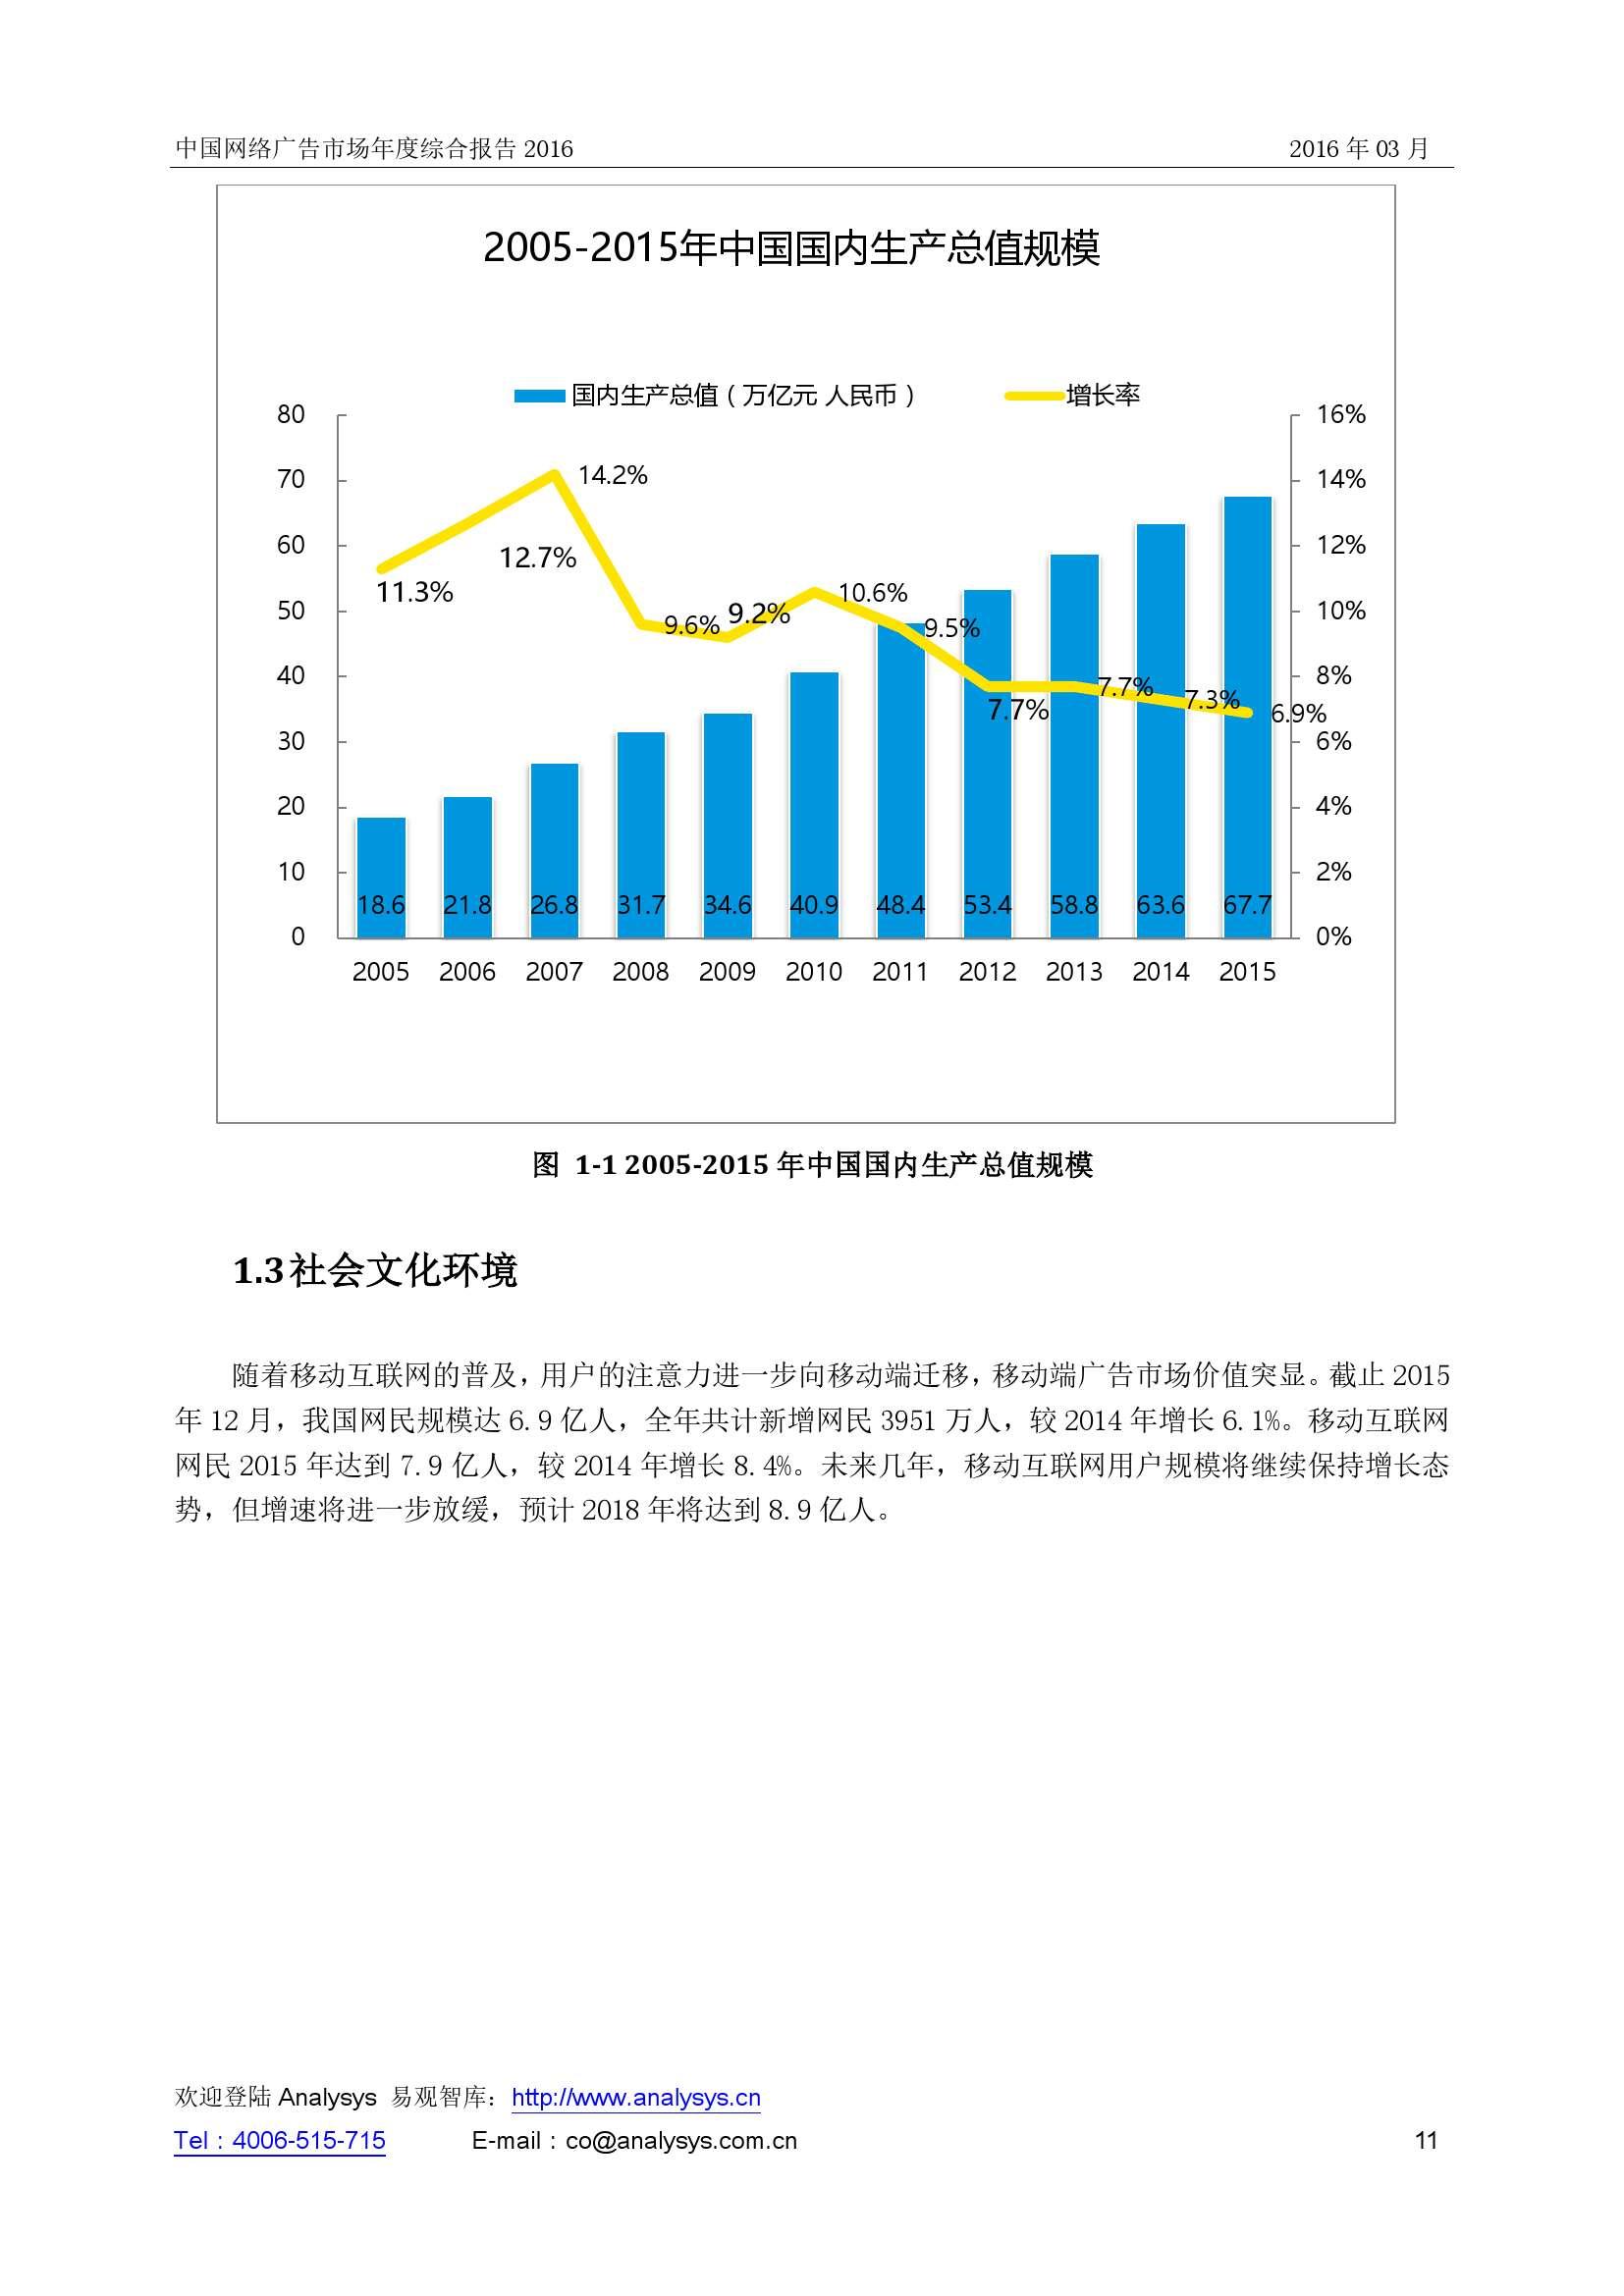 中国网络广告市场年度综合报告2016_000011